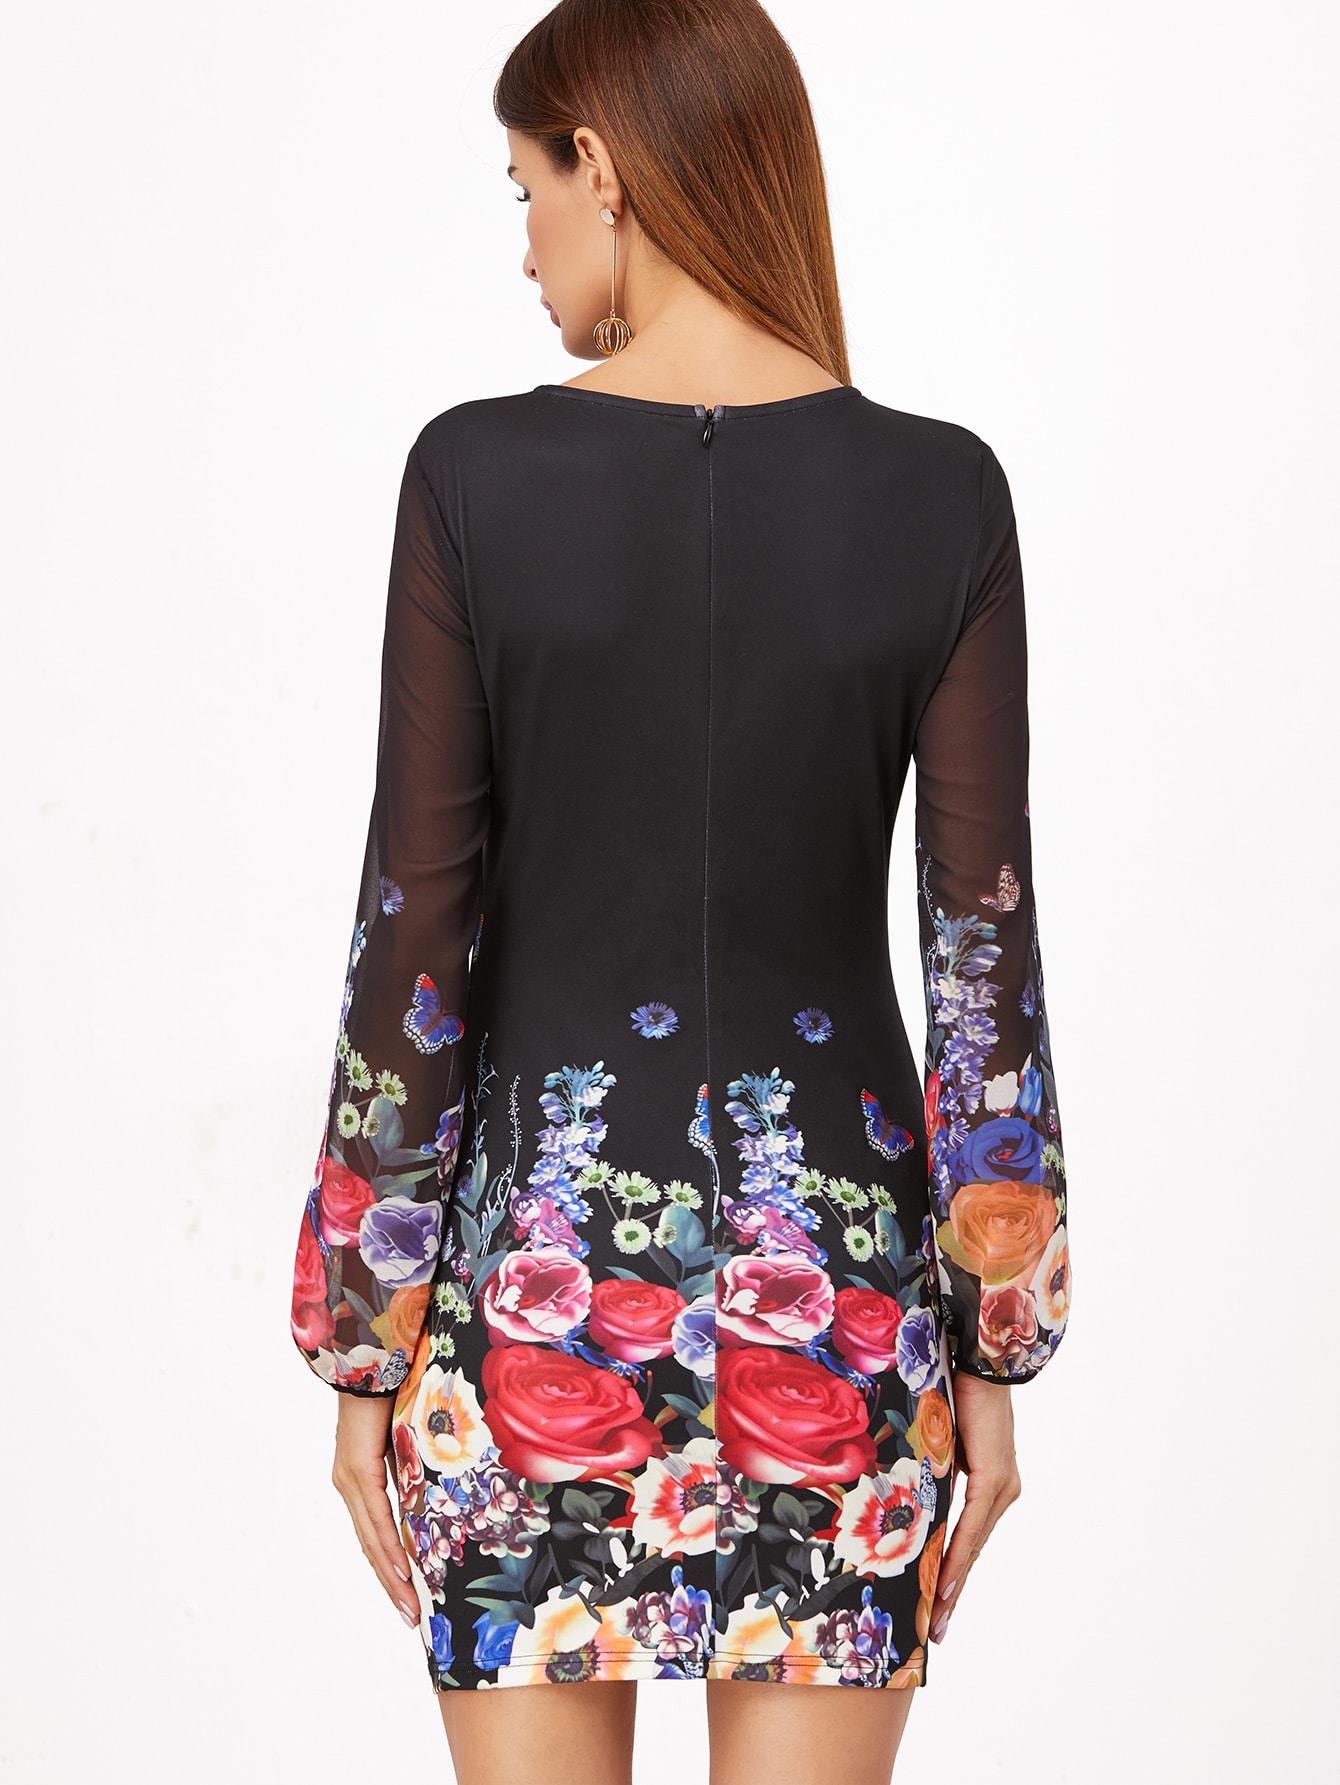 dress161110714_2